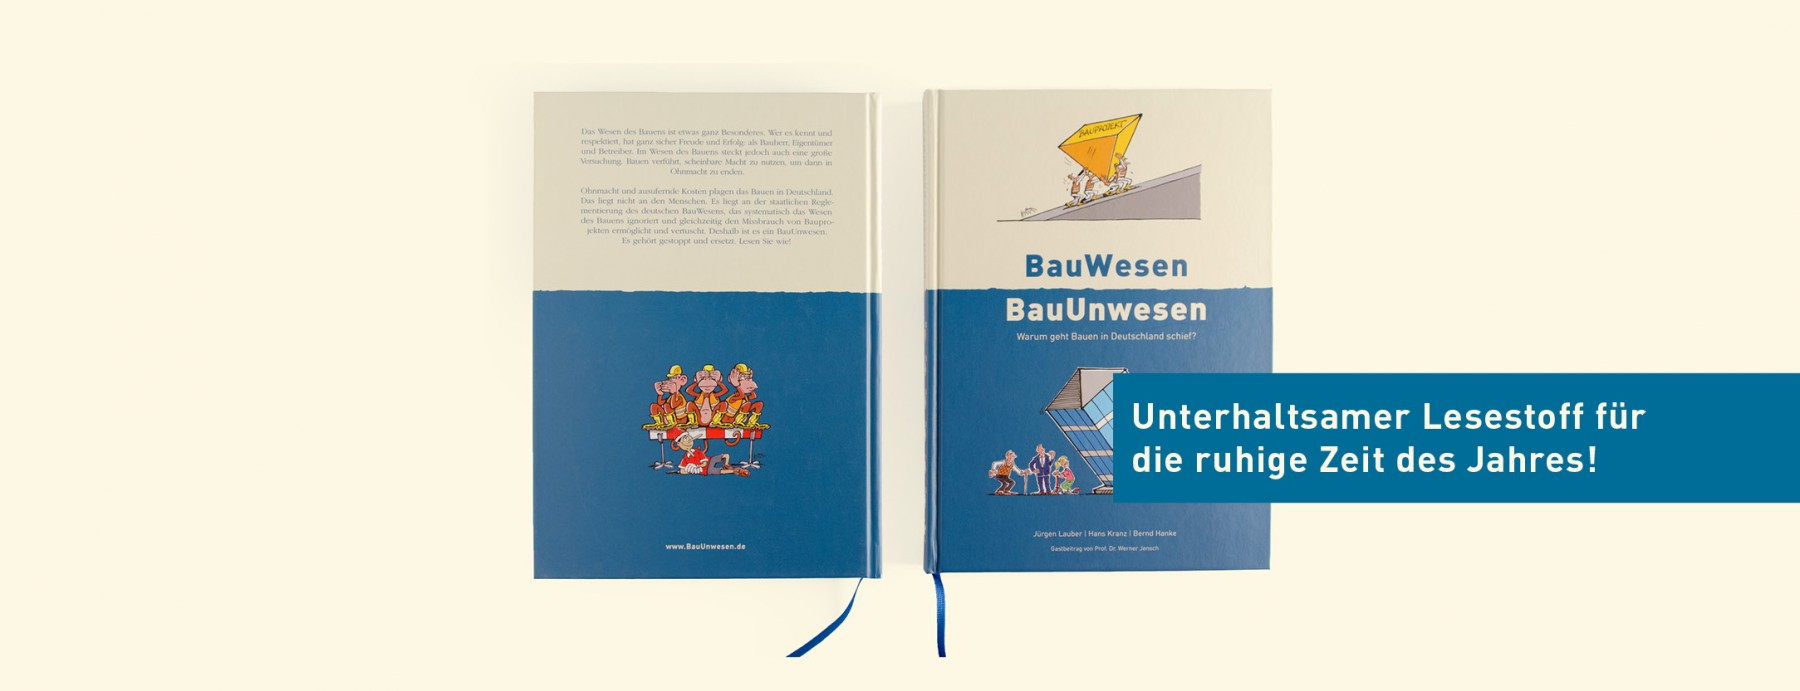 bauwesen_bauunwesen_warum_geht_bauen_in_deutschland_schief_weihnachtsdownload